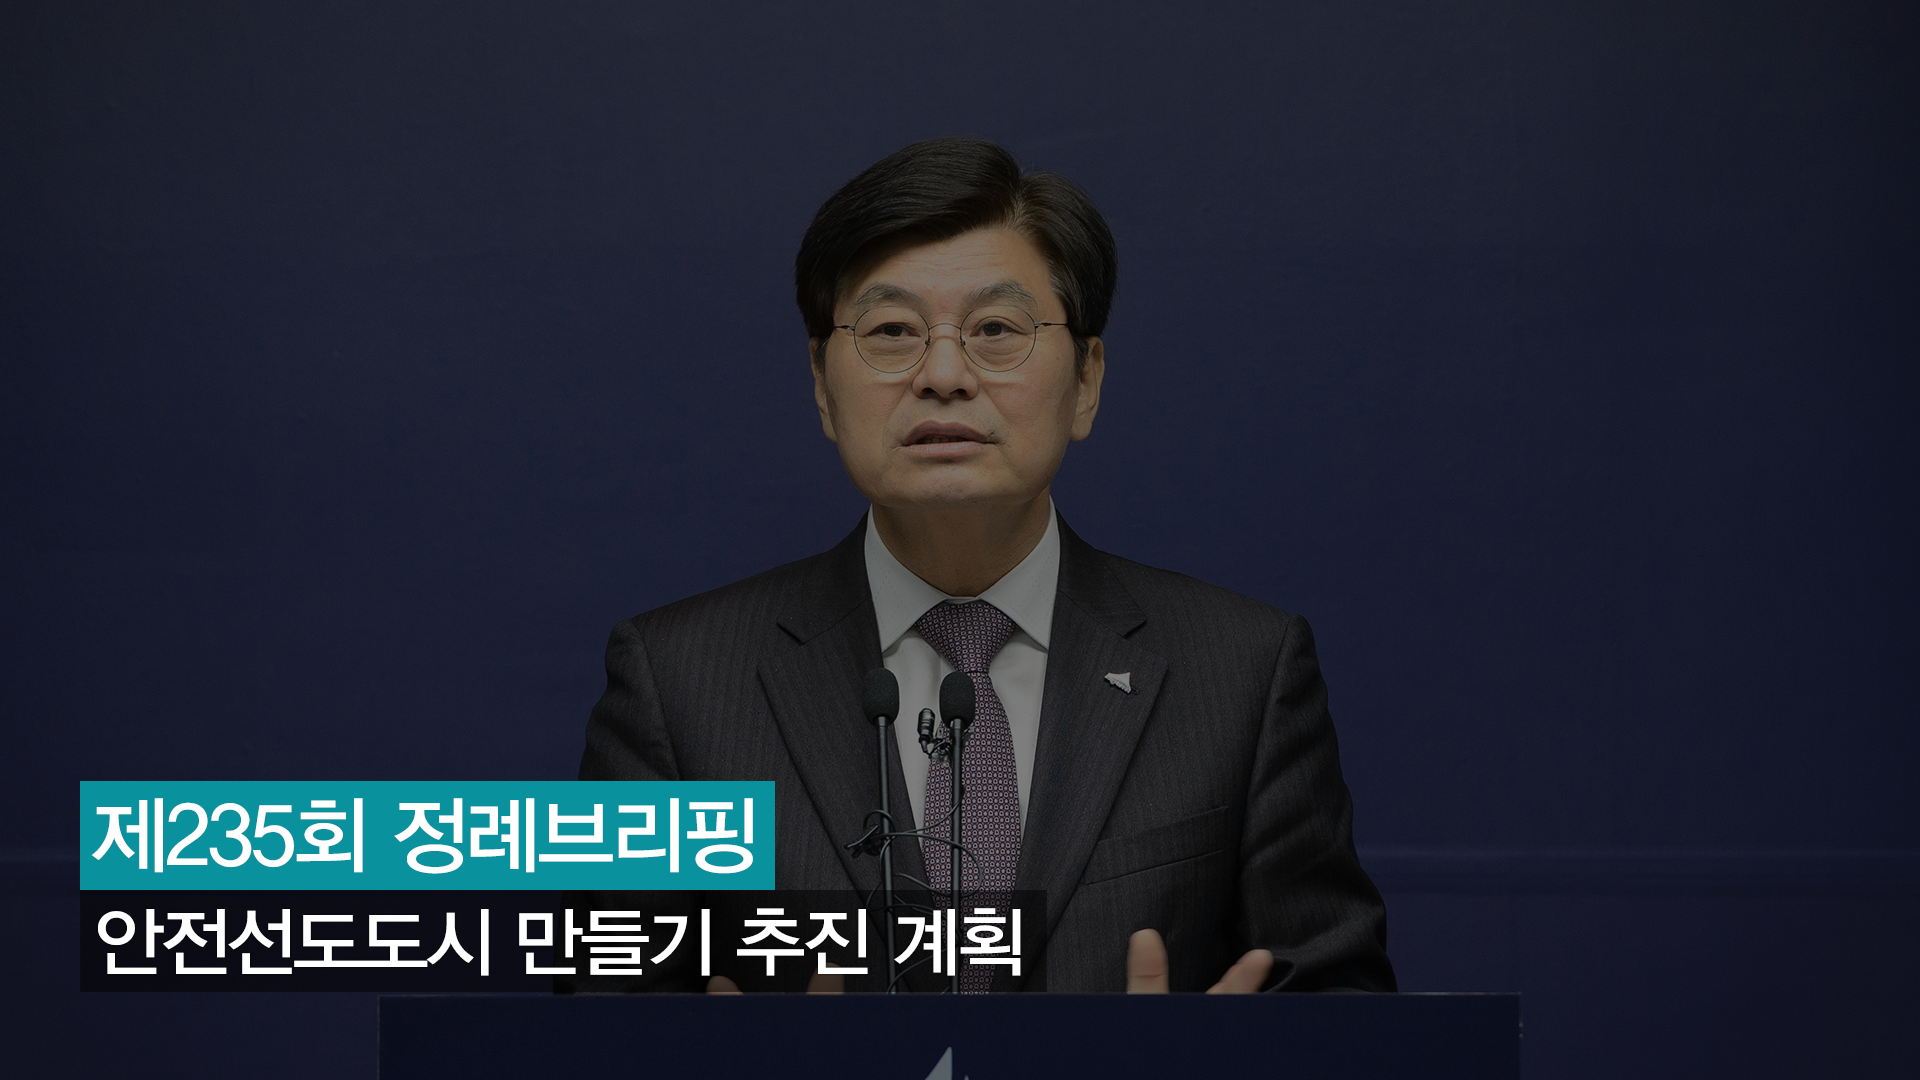 <235회 정례브리핑> 안전선도도시 만들기 추진 계획